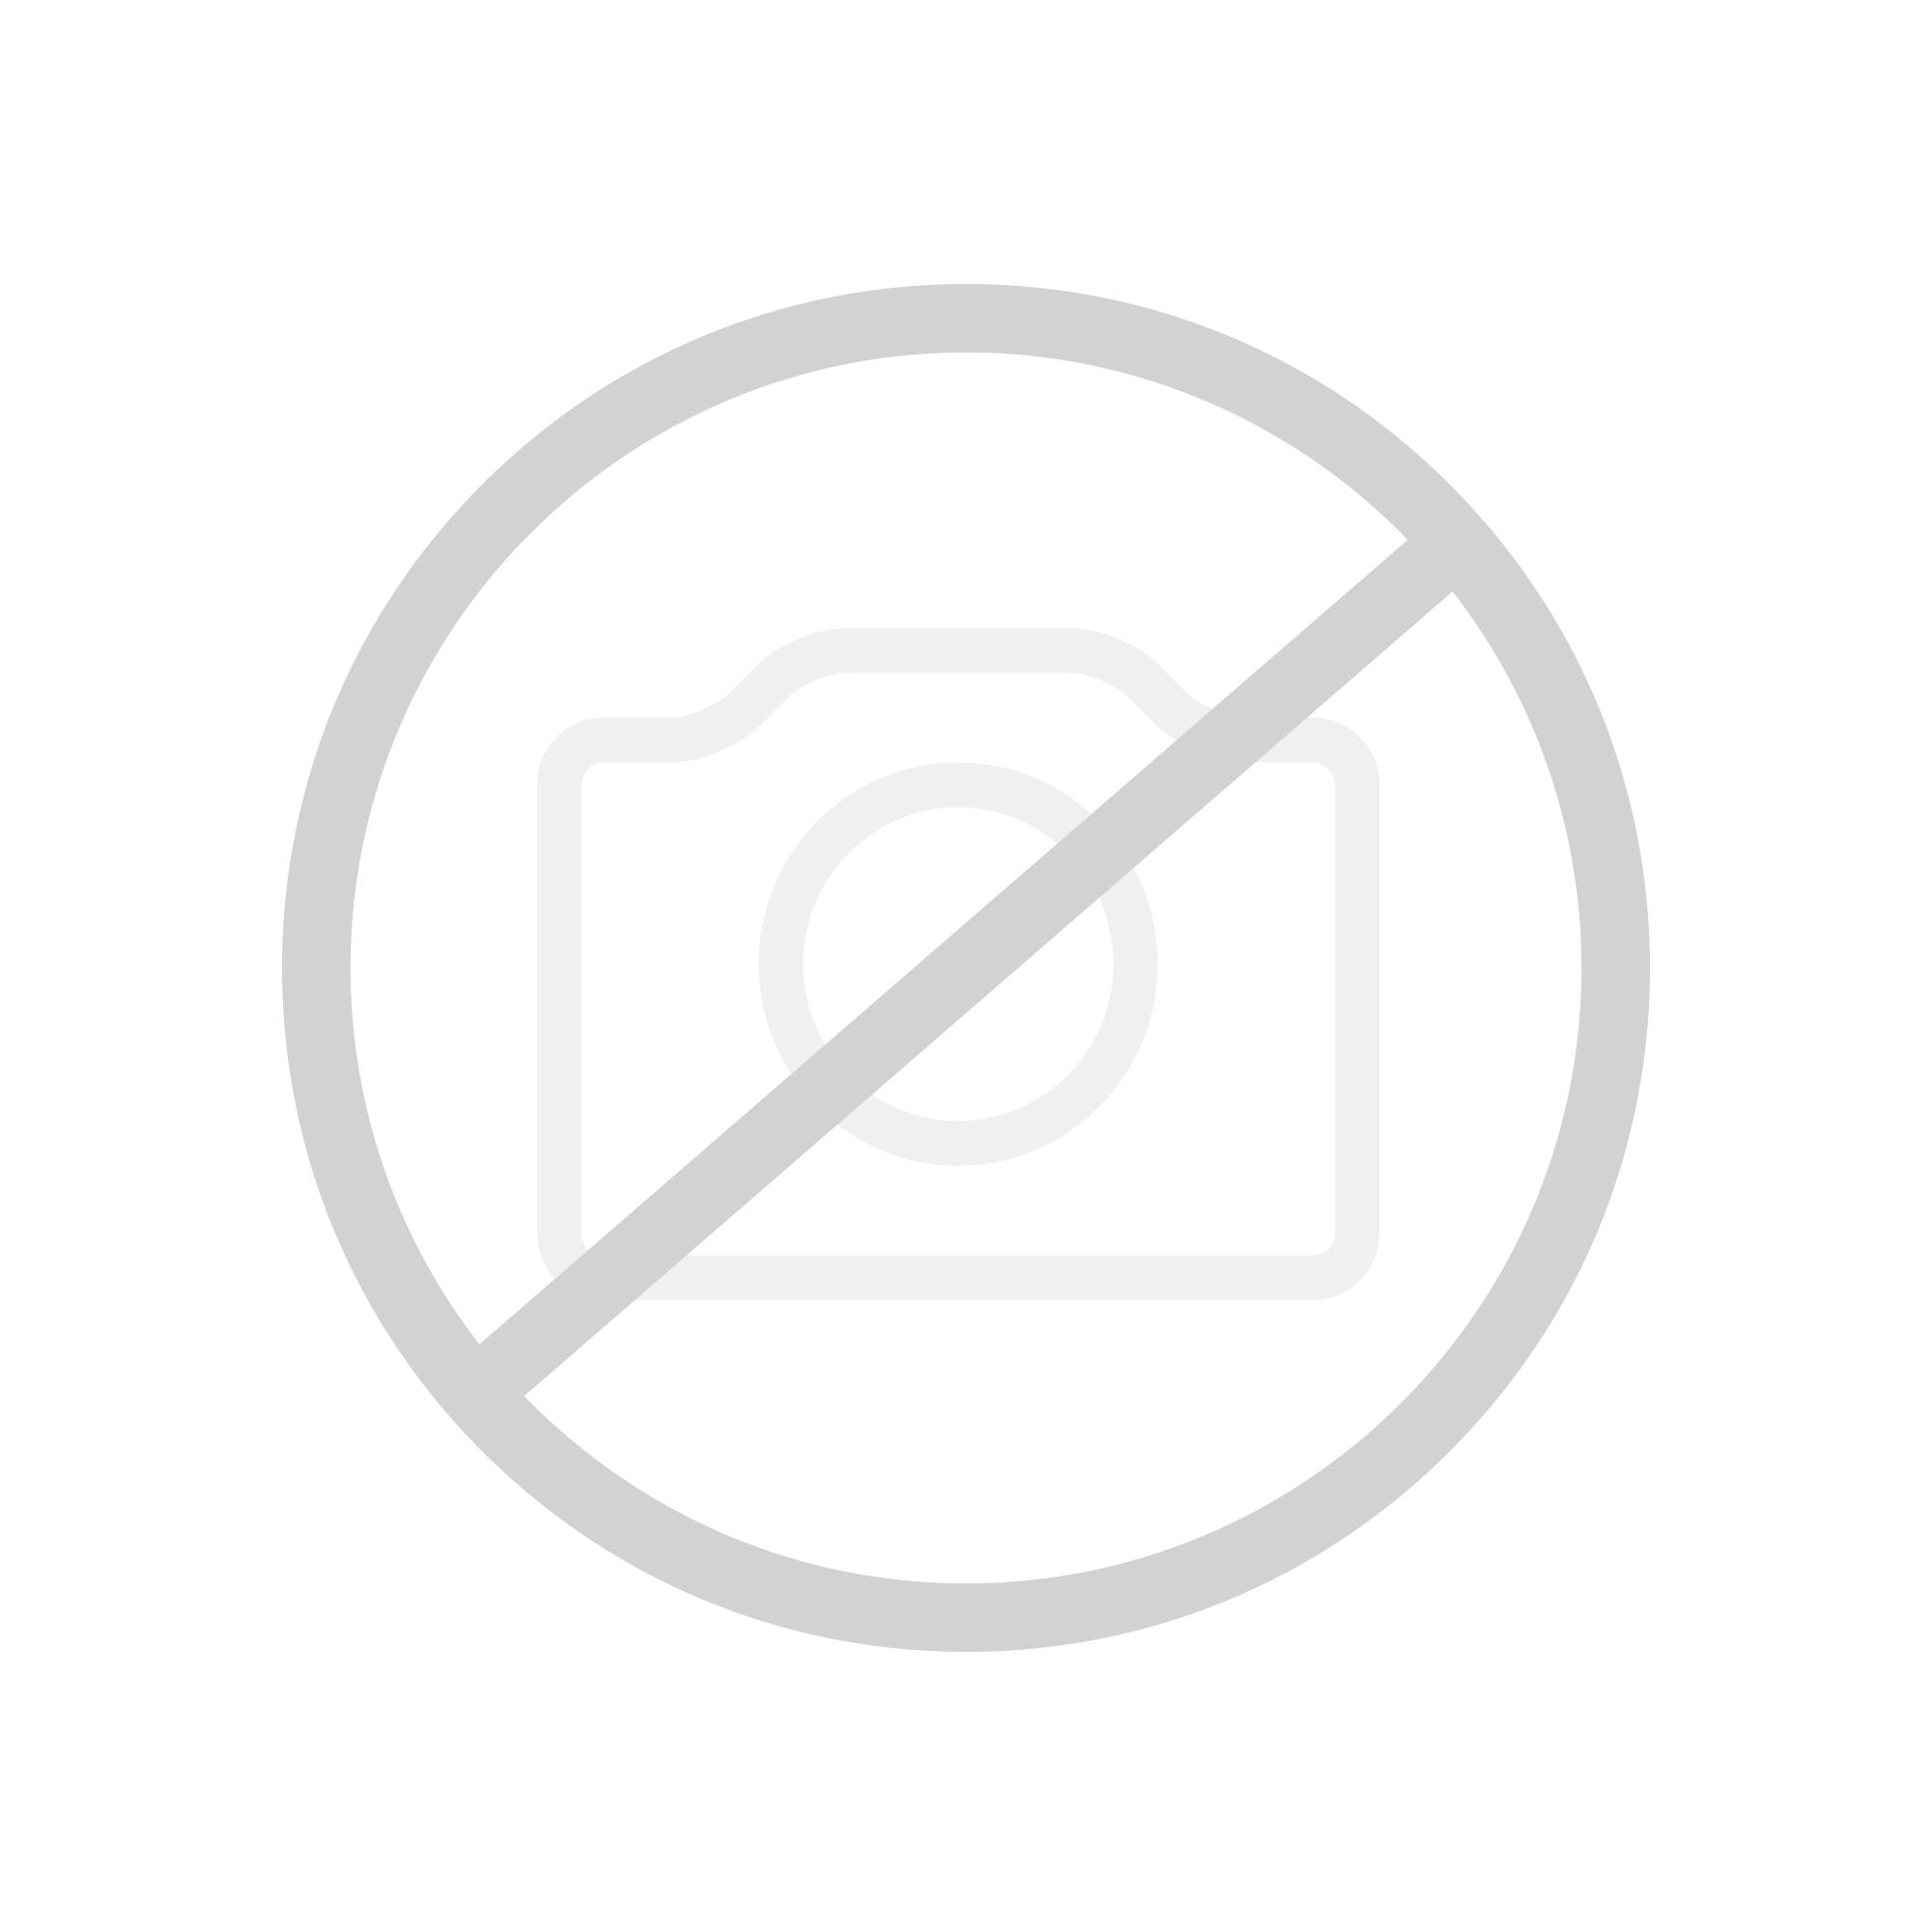 Blanco Linus-S Einhebelmischer, Ausladung 219 mm, Auslauf ausziehbar chrom